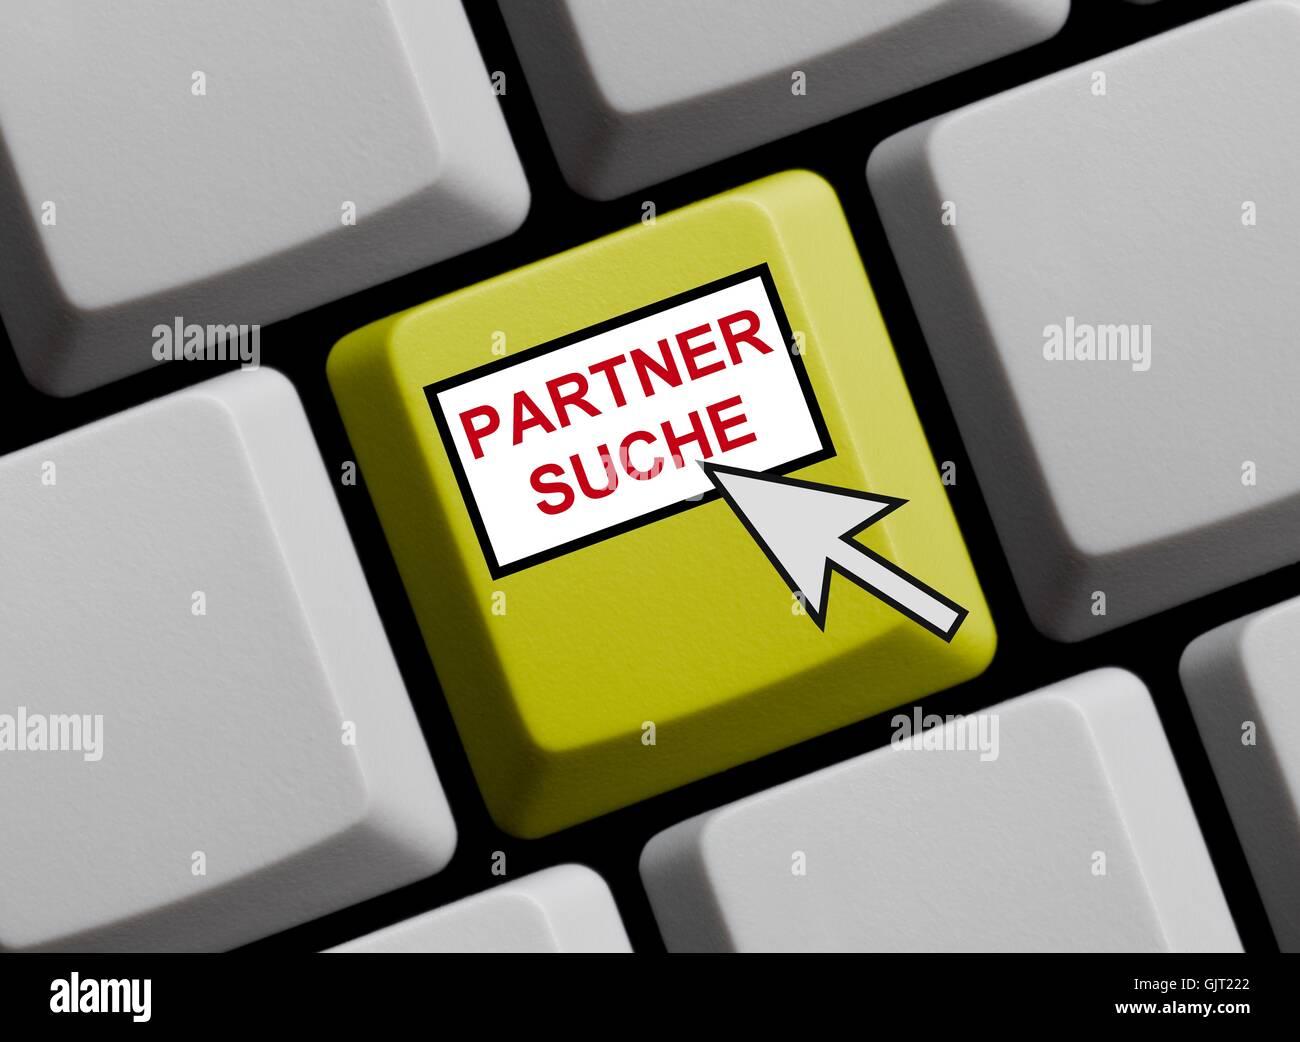 kärsivällisyyttä dating Kauris mies